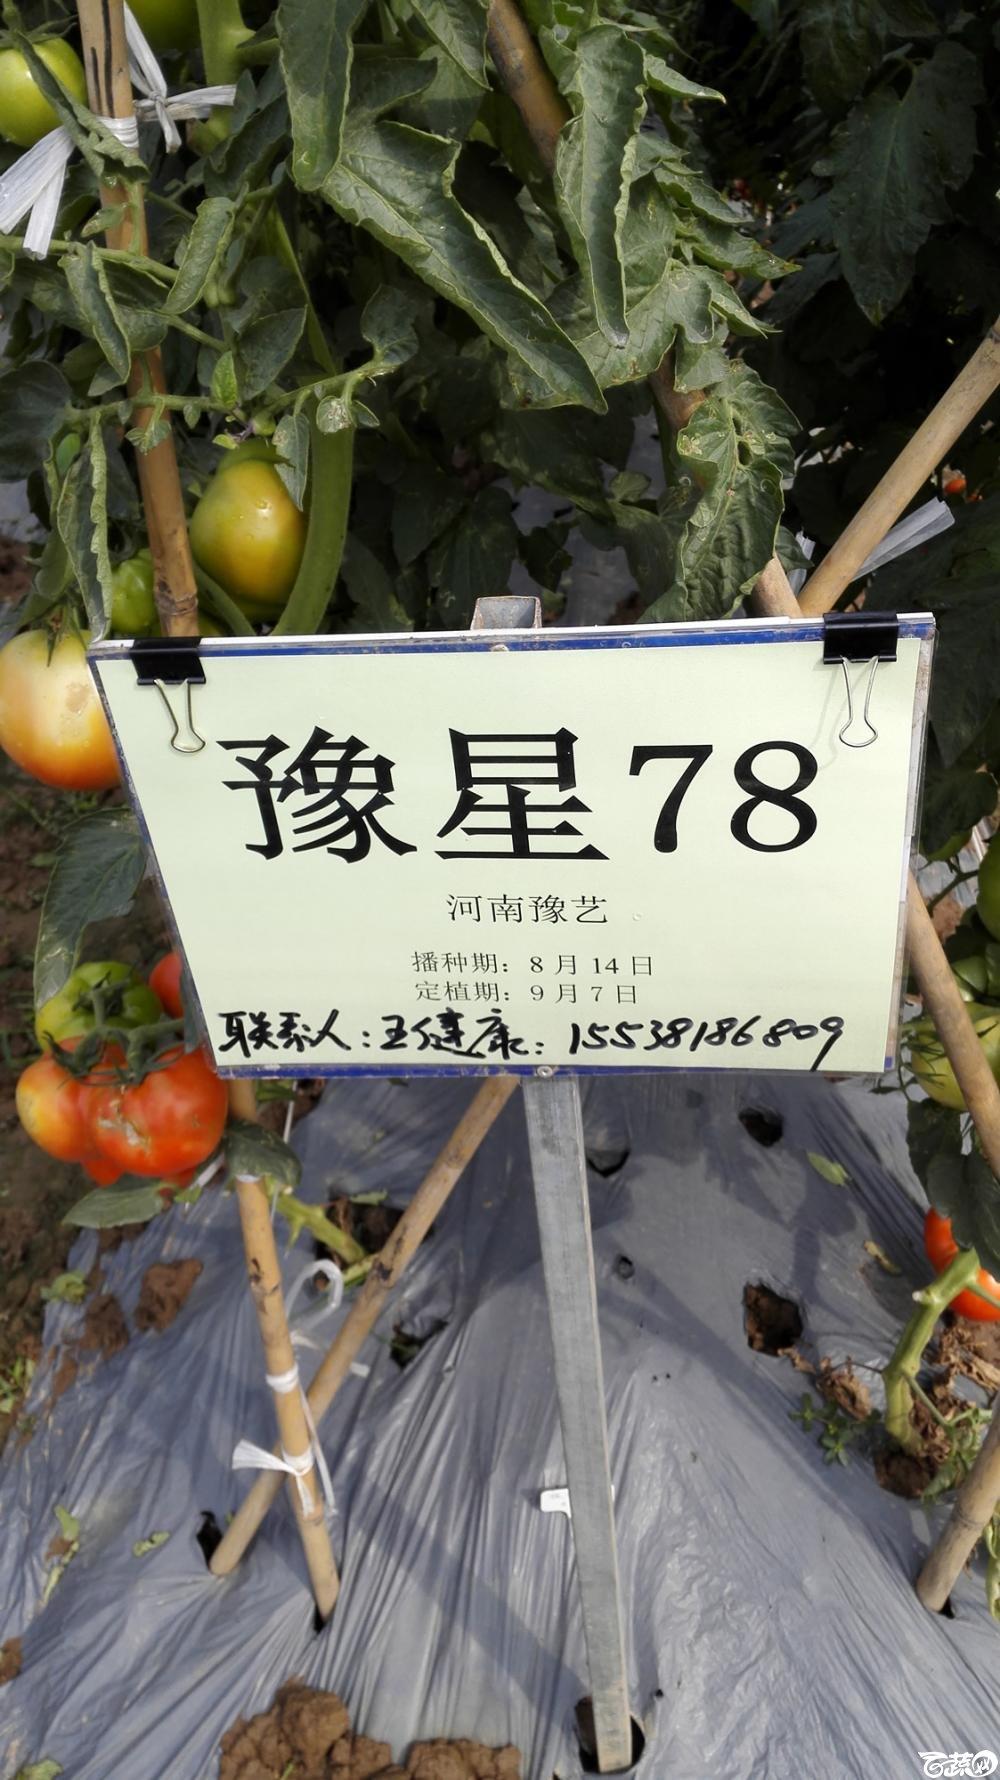 2014年12月8号中山蔬菜新品种展示会_番茄_023.jpg